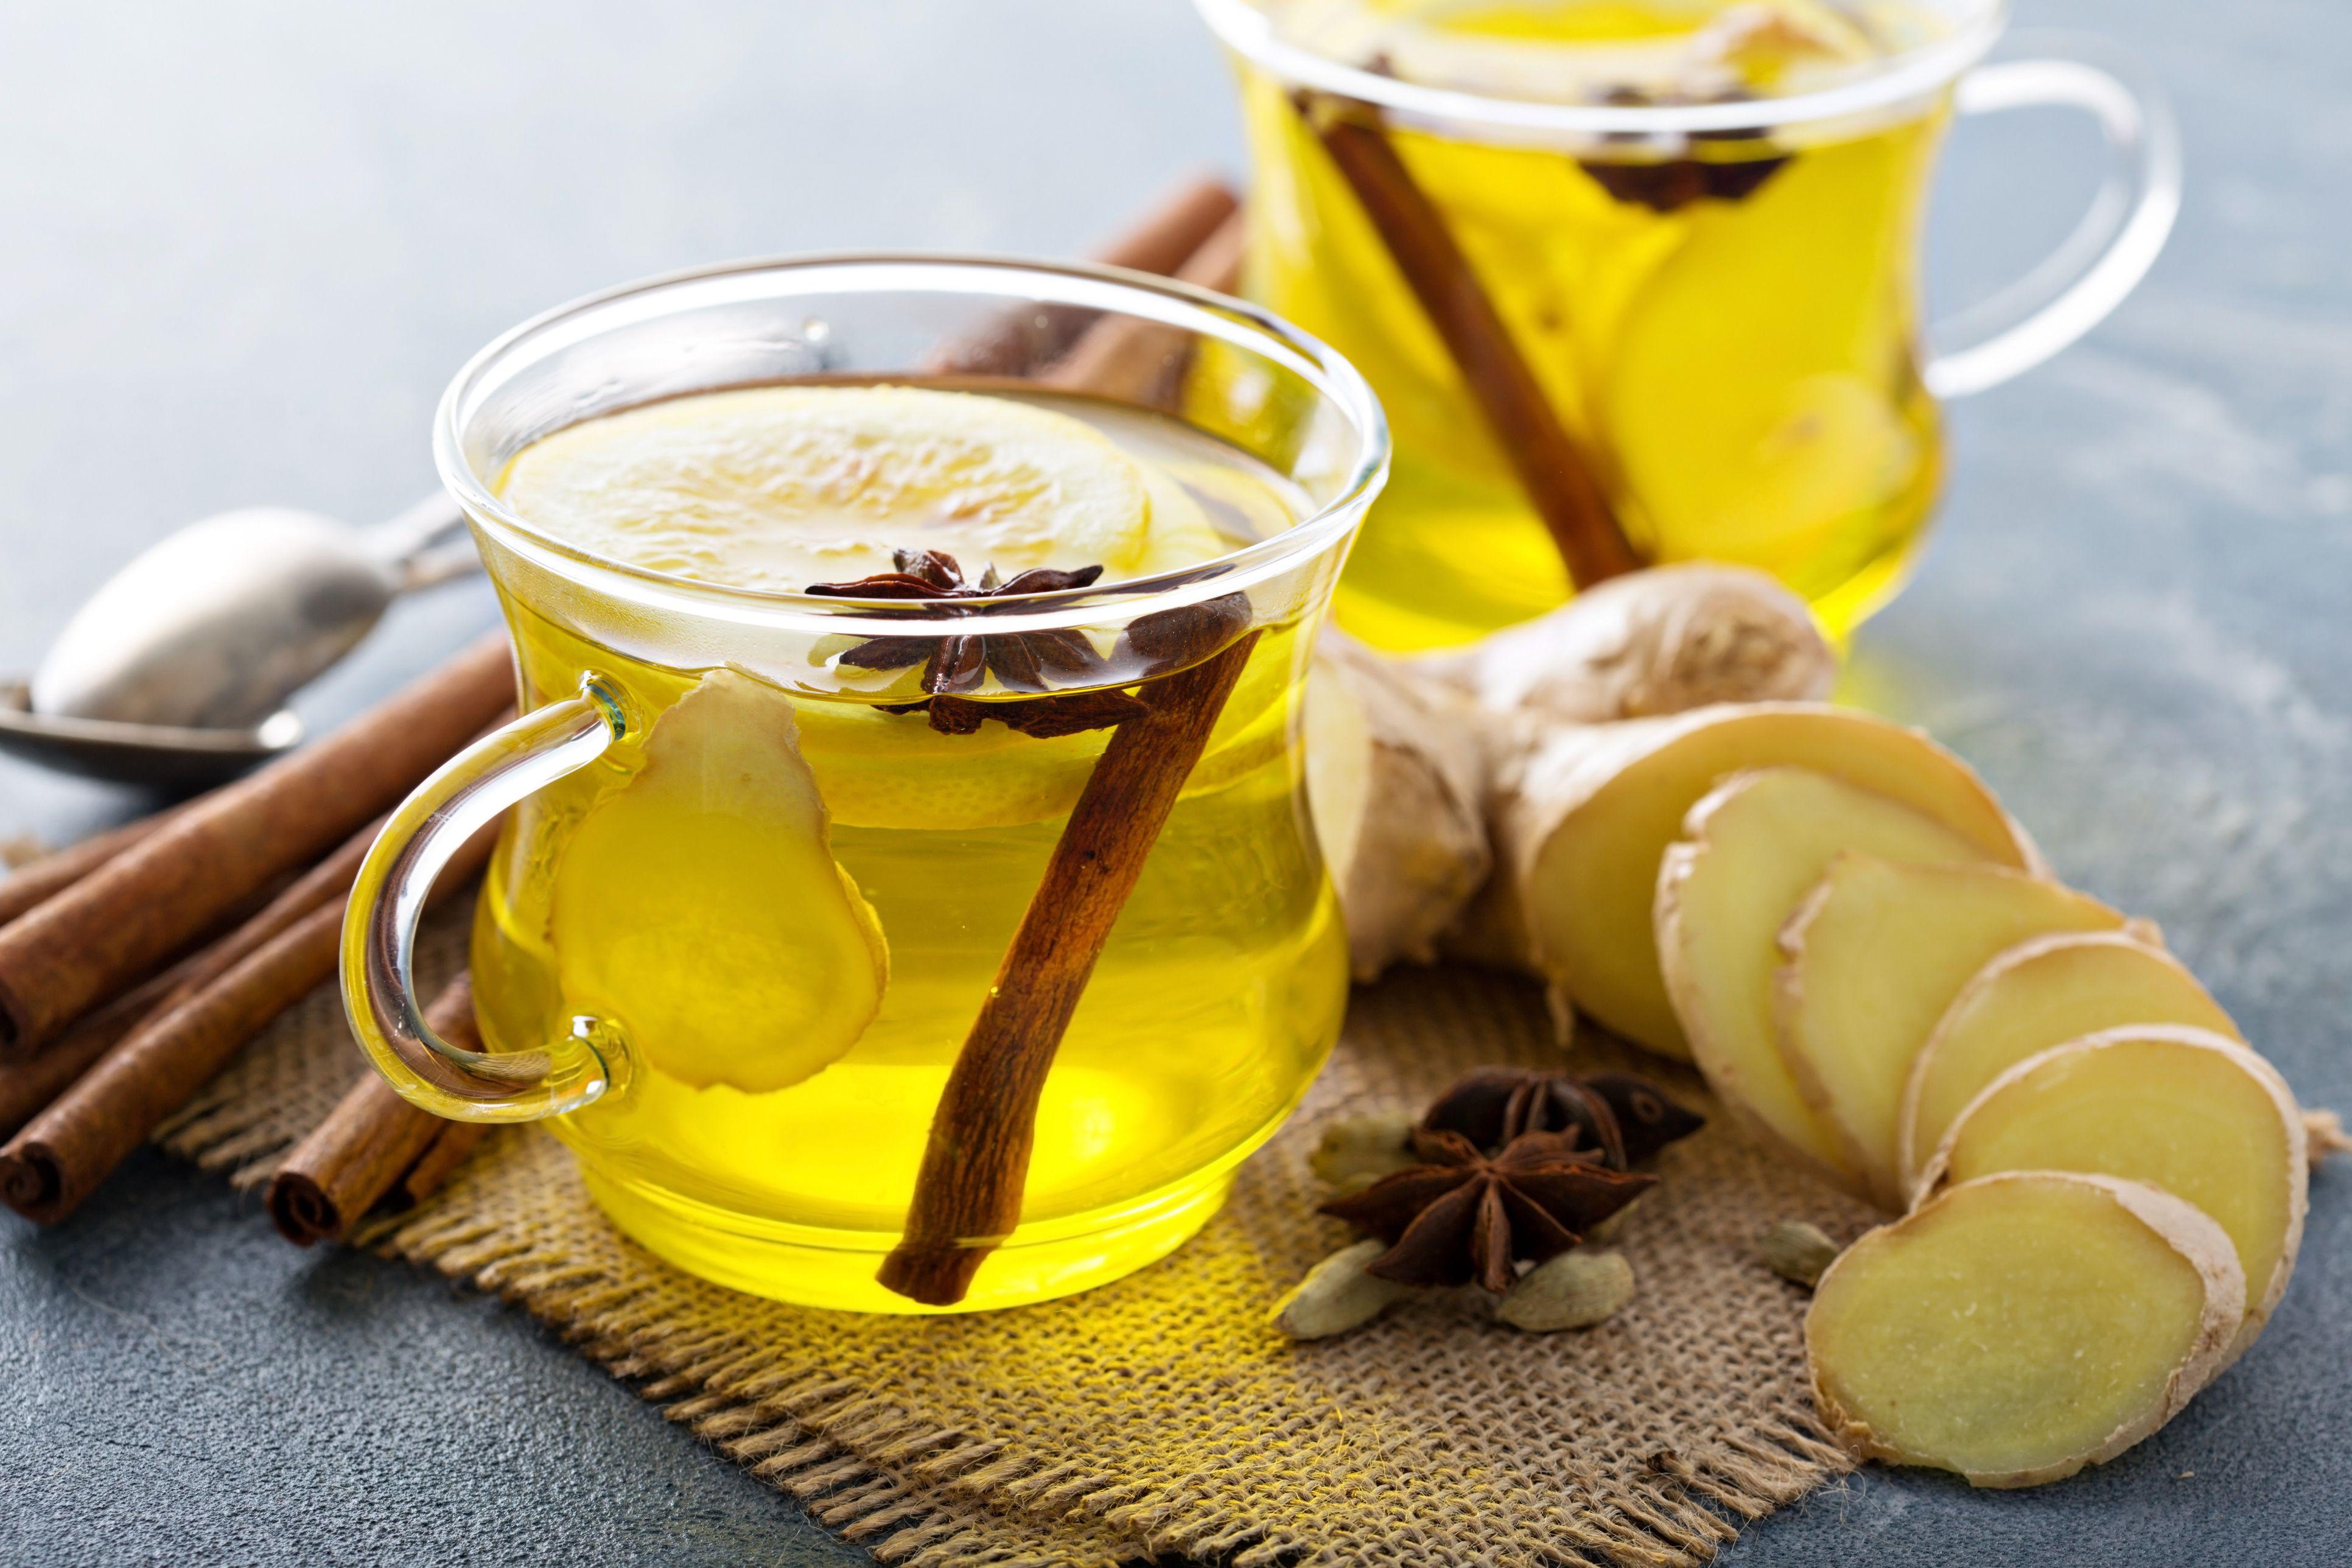 Muz Çay ile Zayıflayın